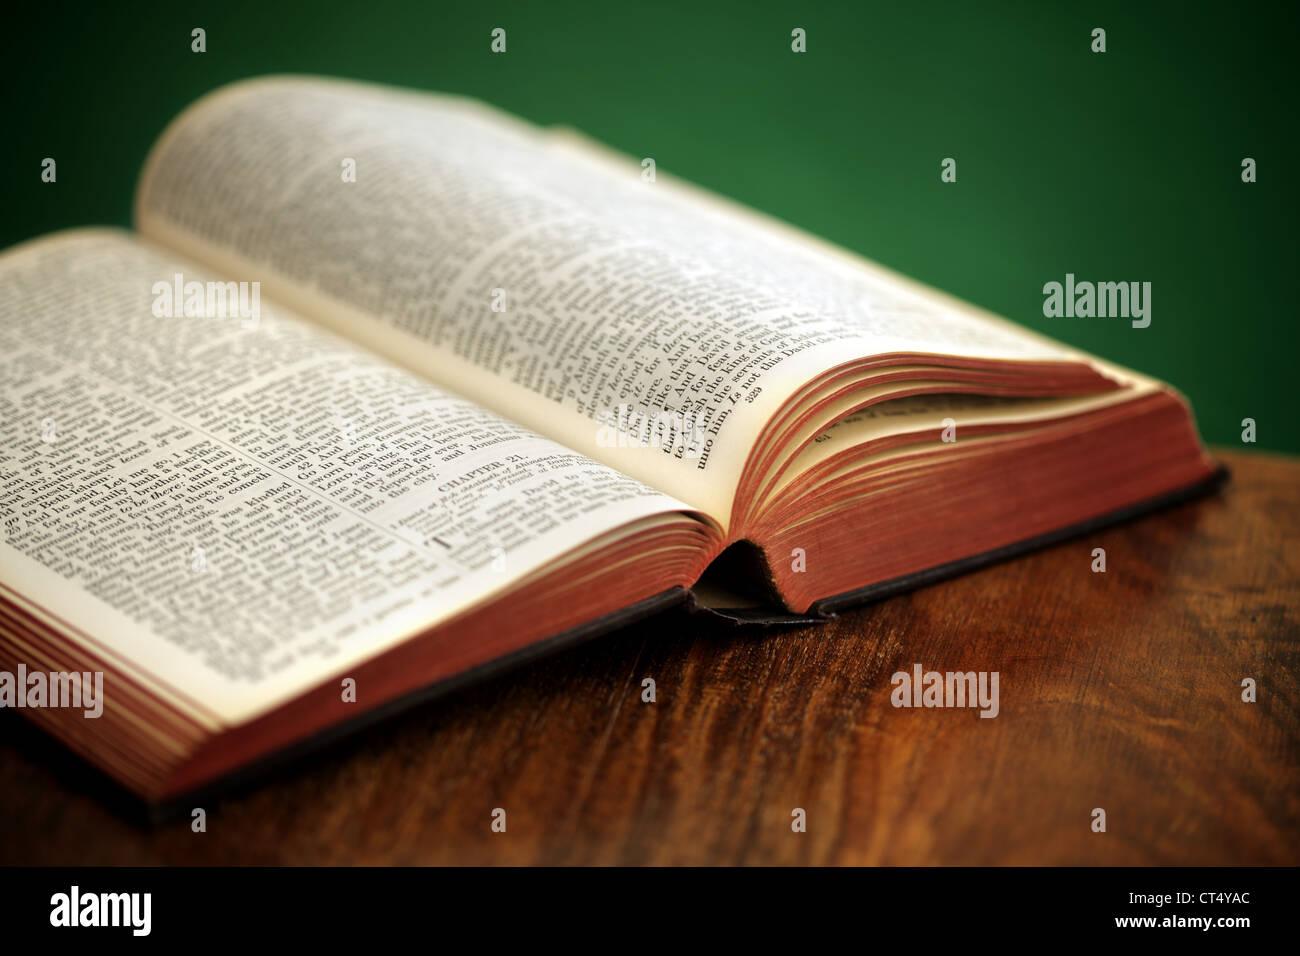 La Santa Biblia Imagen De Stock